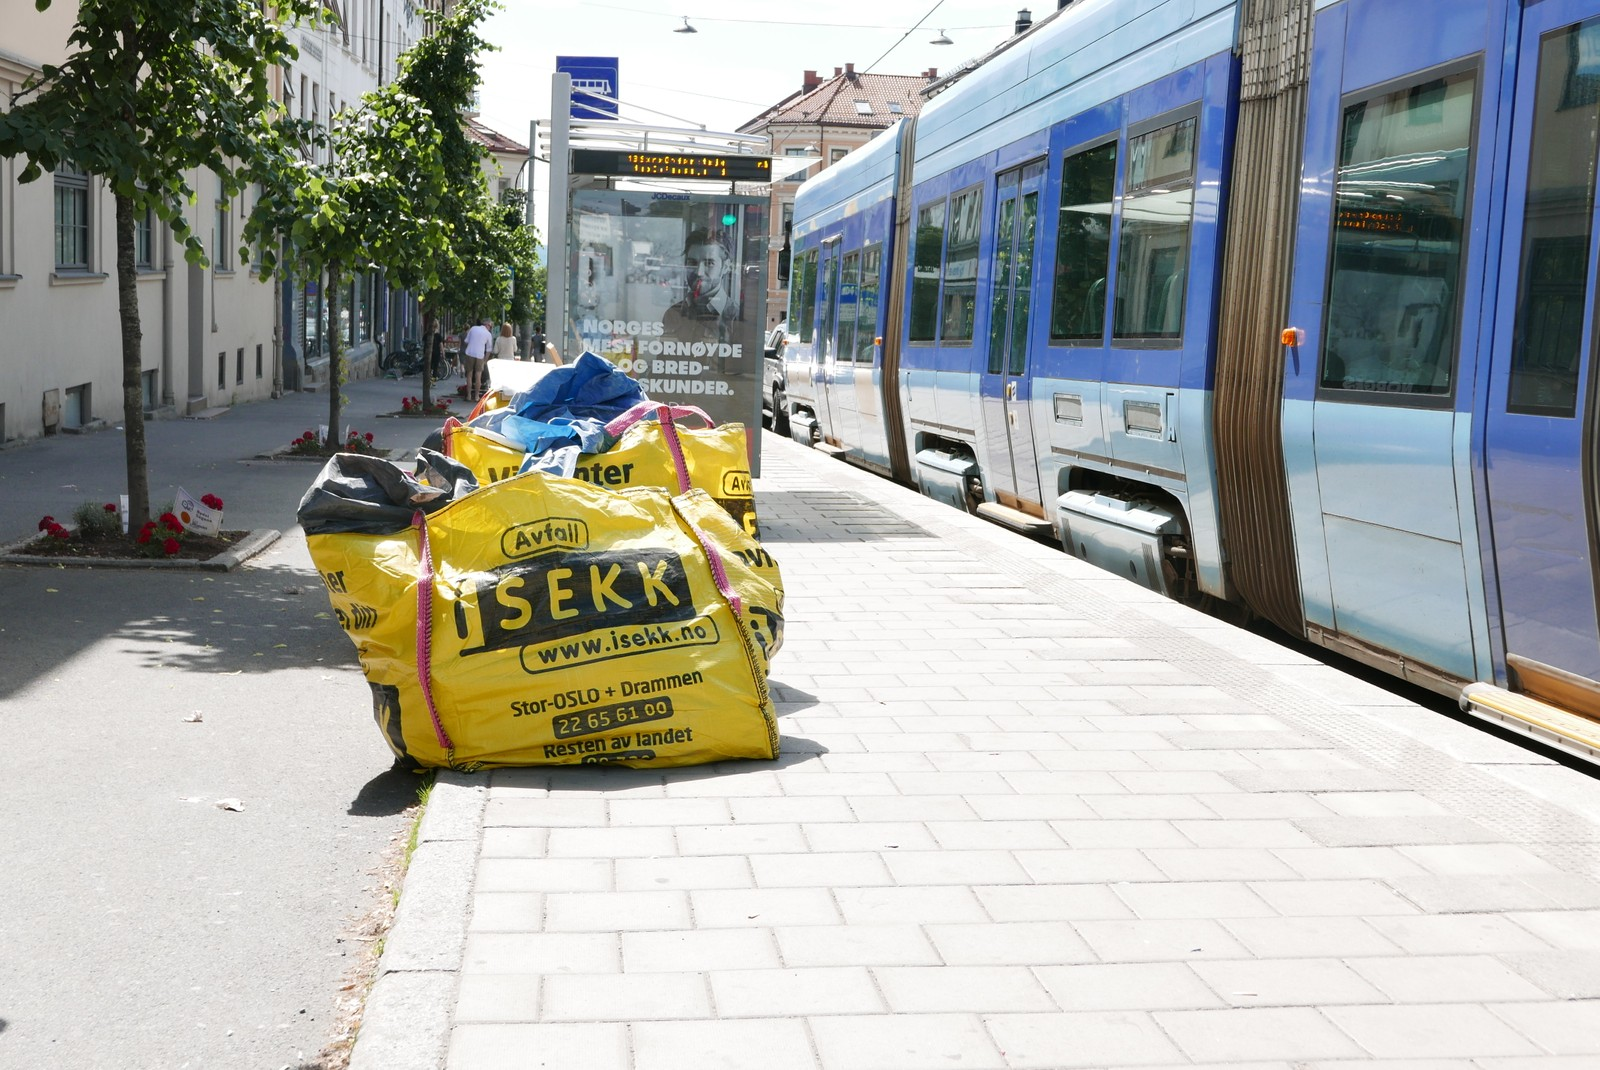 Også feilplasserte smartsøppelsekker er oftere å se i bybildet. Nå kan også selskap som lar disse ligge i flere dager bli bøtelagt.